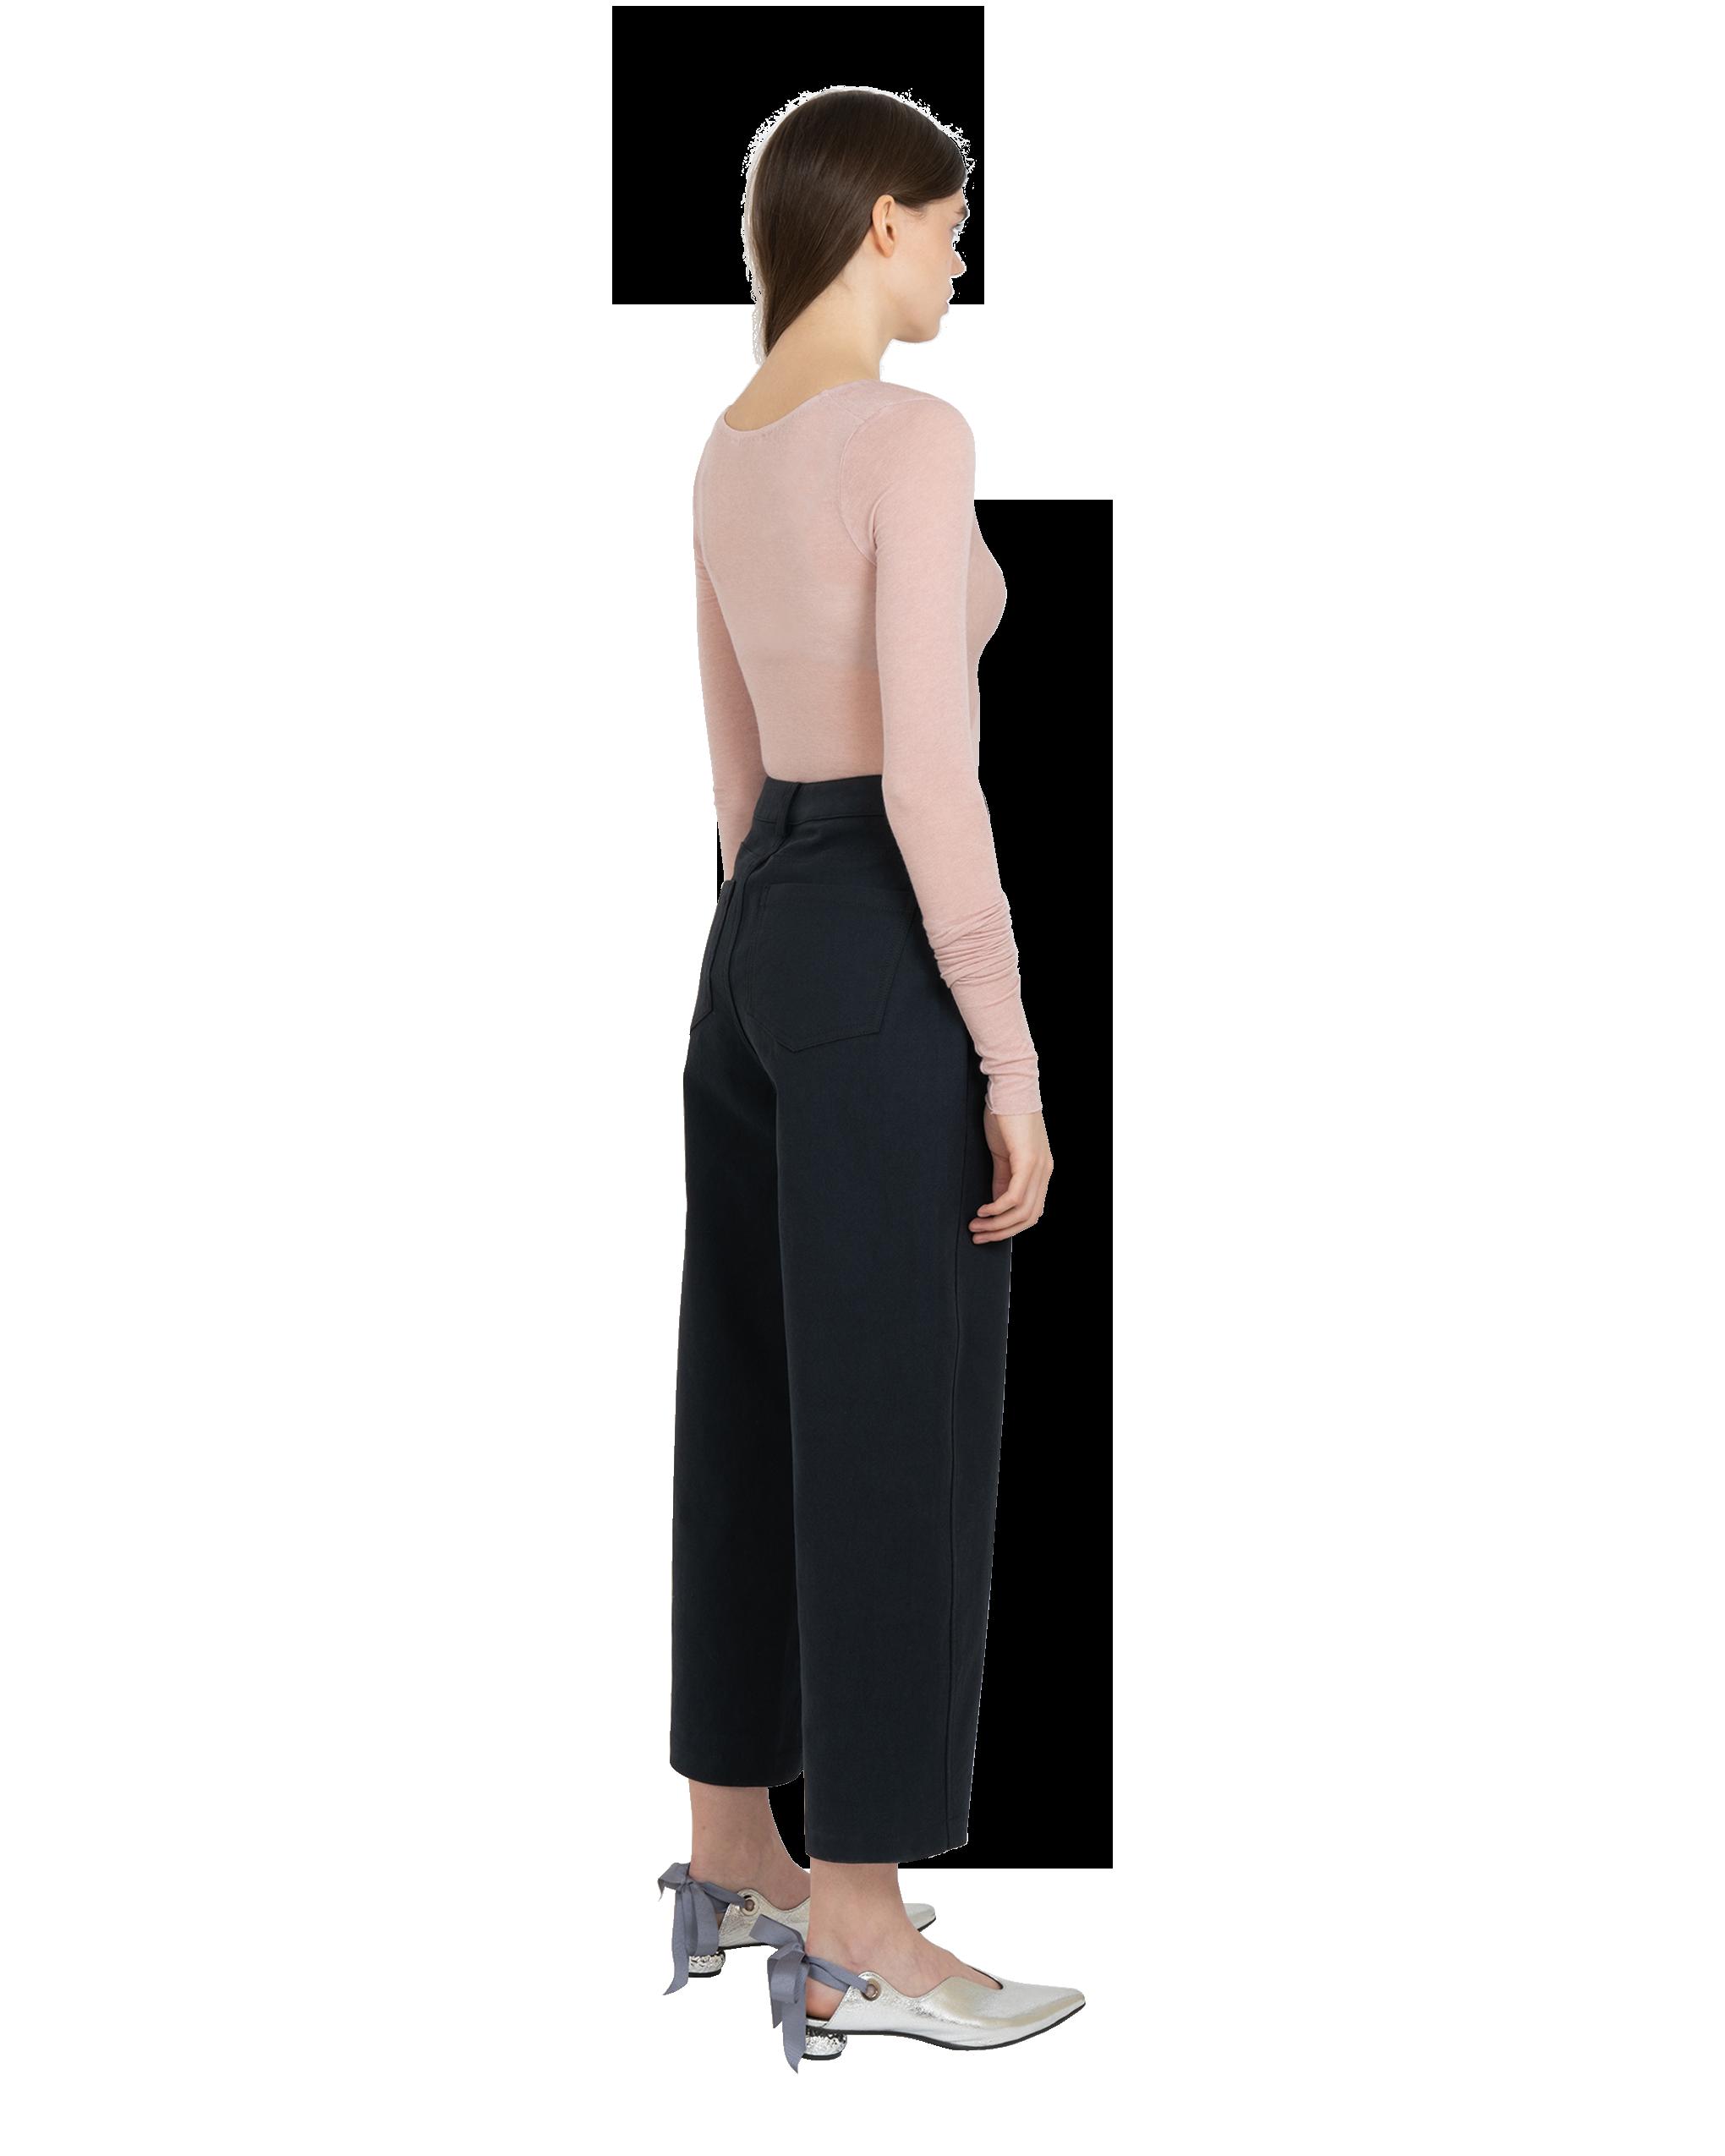 Model wearing EMIN + PAUL pink twist front bodysuit.